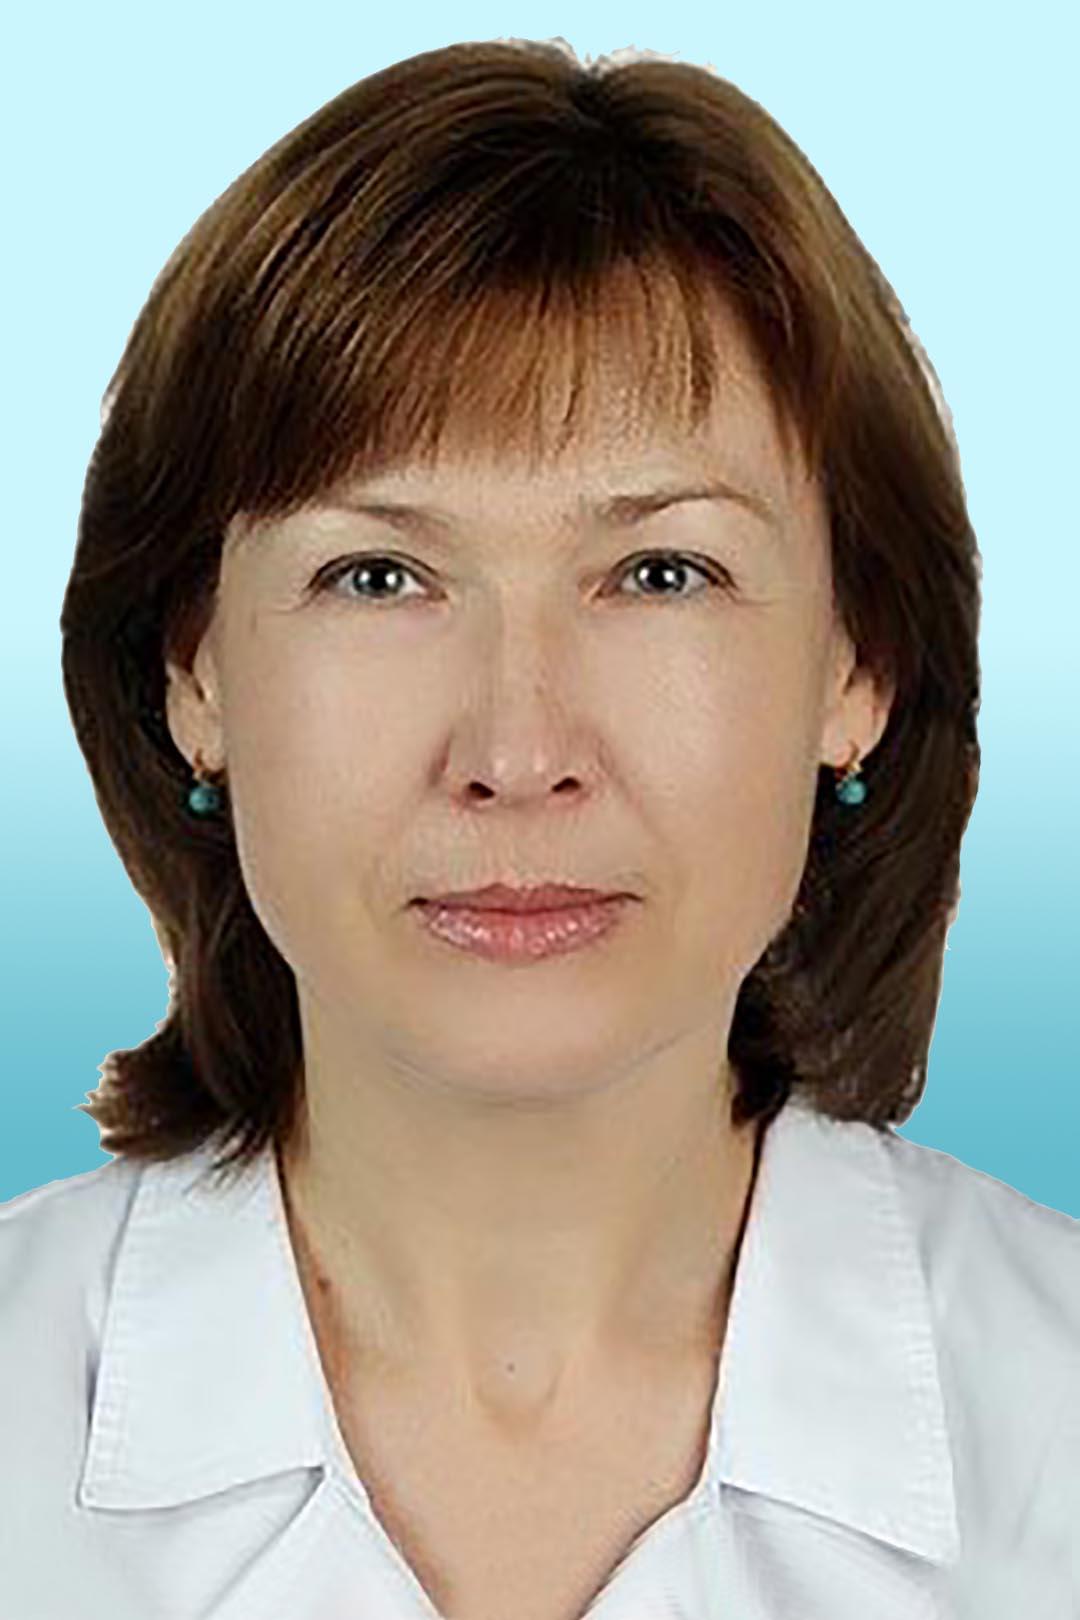 Врач кардиолог, врач УЗИ Лебедева Евгения Леонидовна